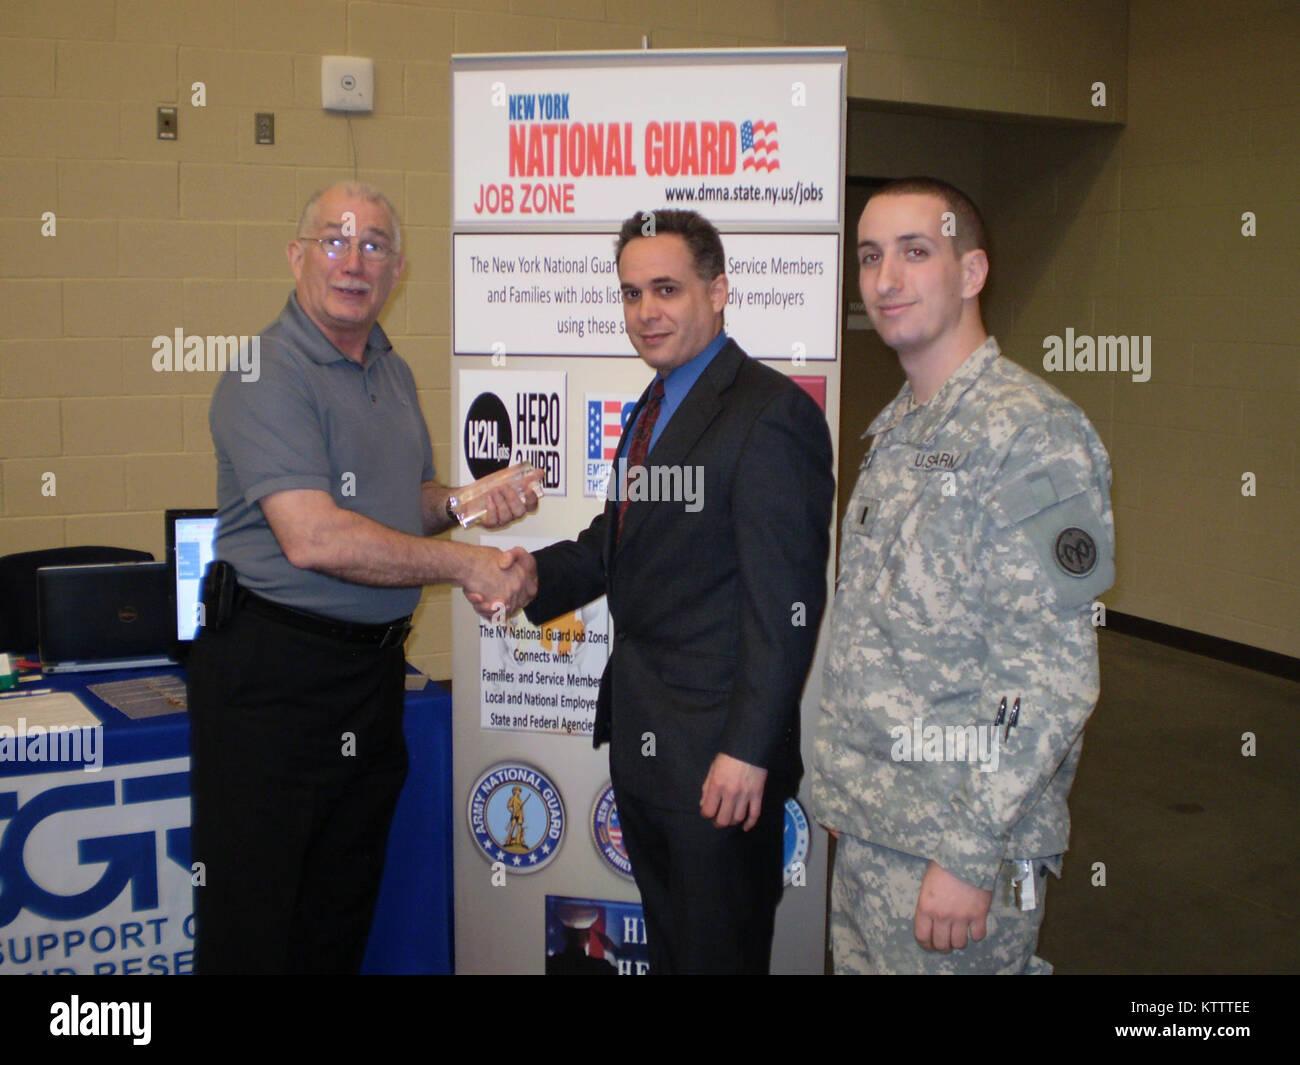 National Guard Job Zone Imágenes De Stock & National Guard Job Zone ...